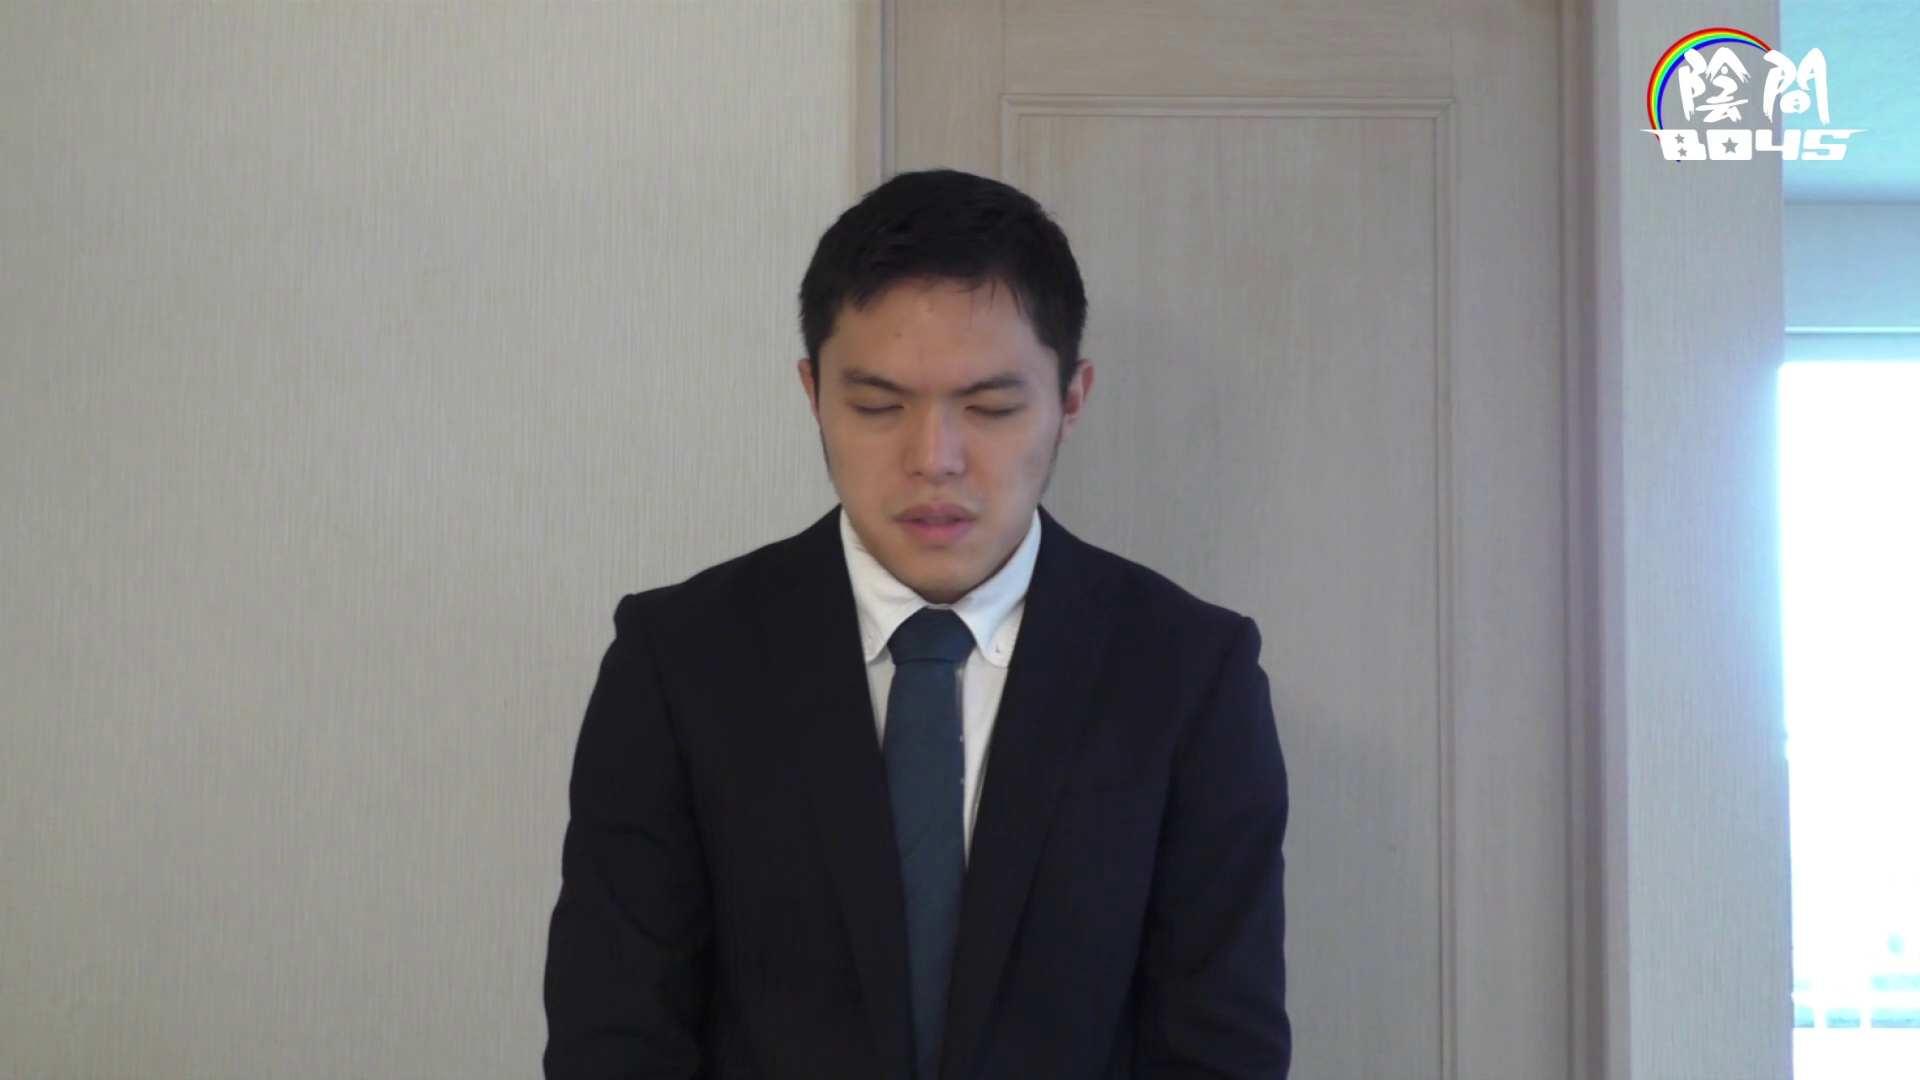 アナルで営業ワン・ツー・ スリーpart2 Vol.1 ハメ撮り動画 男同士画像 62pic 34